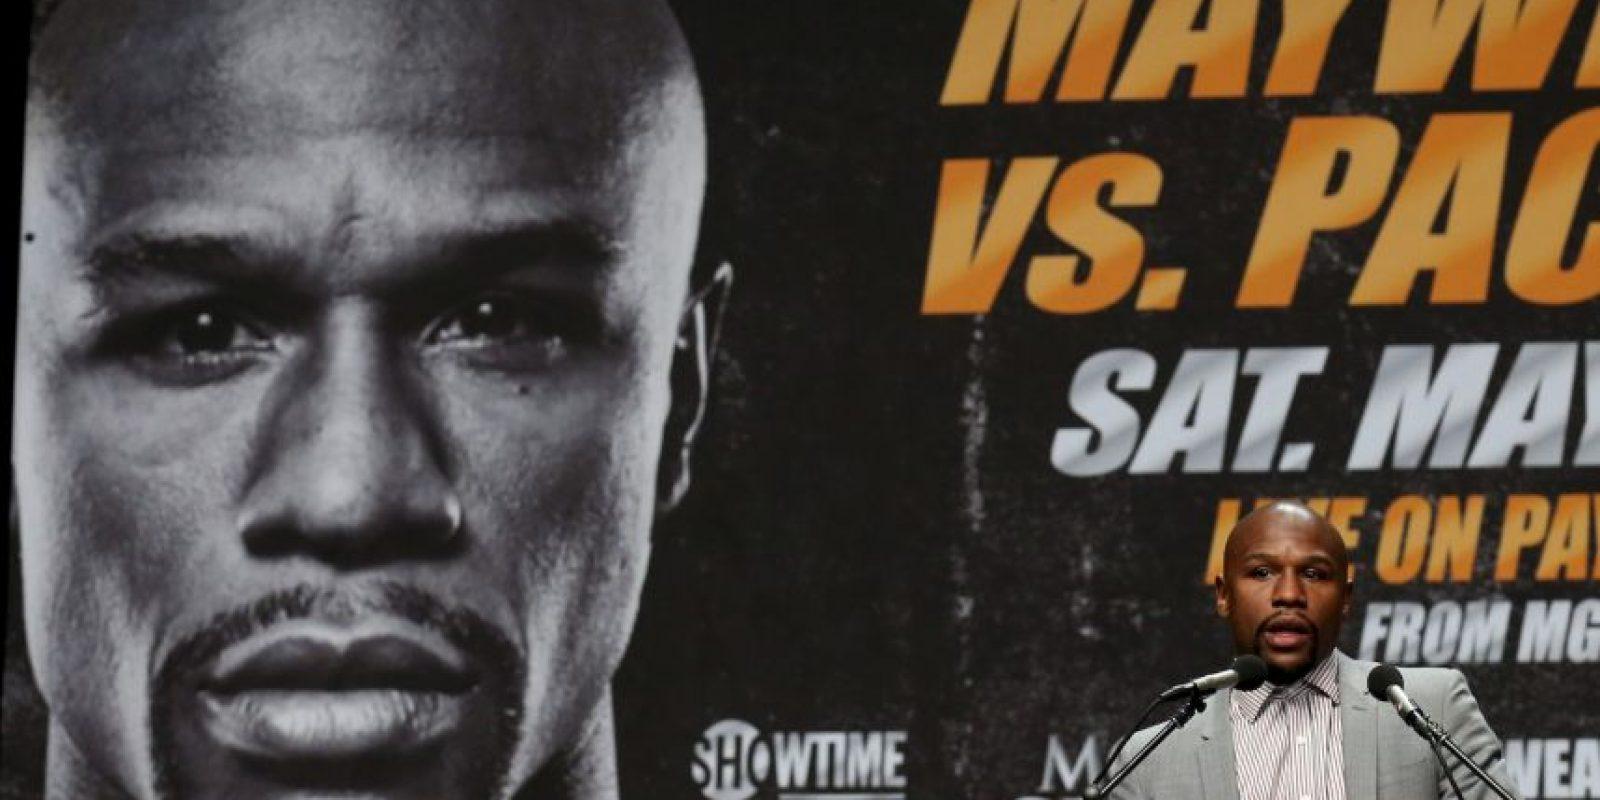 El combate se llevará a cabo el próximo 2 de mayo Foto:Getty Images